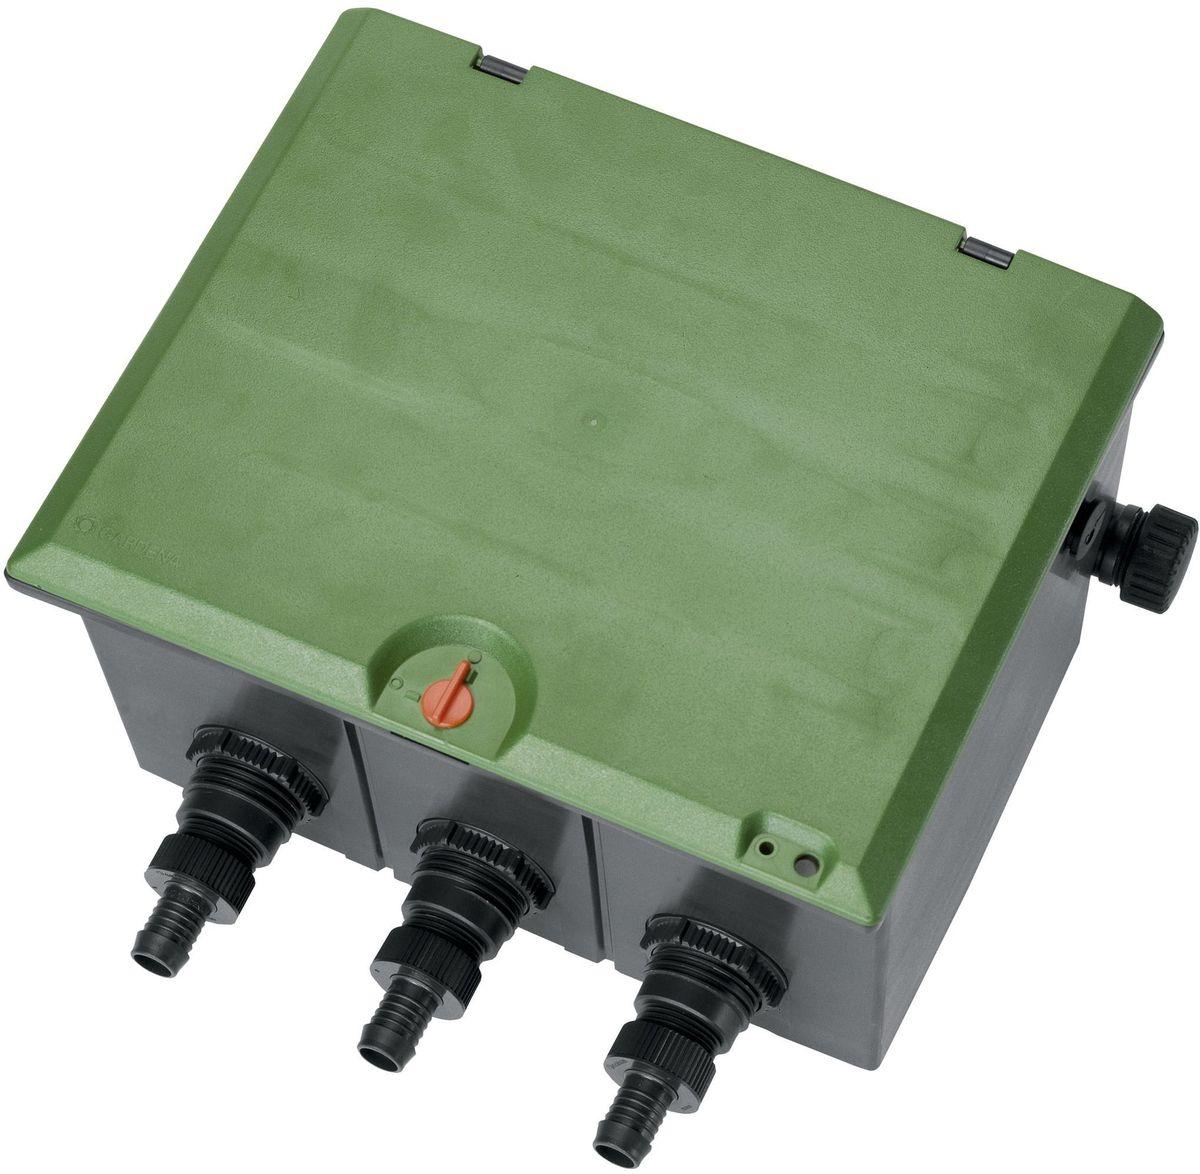 Коробка для клапана Gardena, для полива V3. 01255-29.000.0001255-29.000.00Коробка V3 GARDENA рассчитана на подземную установку трех клапанов для полива 24 В (арт. 1278-20) или трех клапанов для полива 9 В (арт. 1251-20). Подача воды осуществляется с трех сторон. Телескопическое резьбовое соединение обеспечивает удобство монтажа/демонтажа клапана. Водонепроницаемый короб обеспечивает удобное и аккуратное кабельное соединение (24 В). Для осушения подающего канала в преддверии морозной погоды используется центральный дренажный клапан. Крышка снабжена механизмом блокировки для безопасности детей. Коробка для клапана для полива V3 GARDENA снабжена наружной резьбой 1 дюйм.